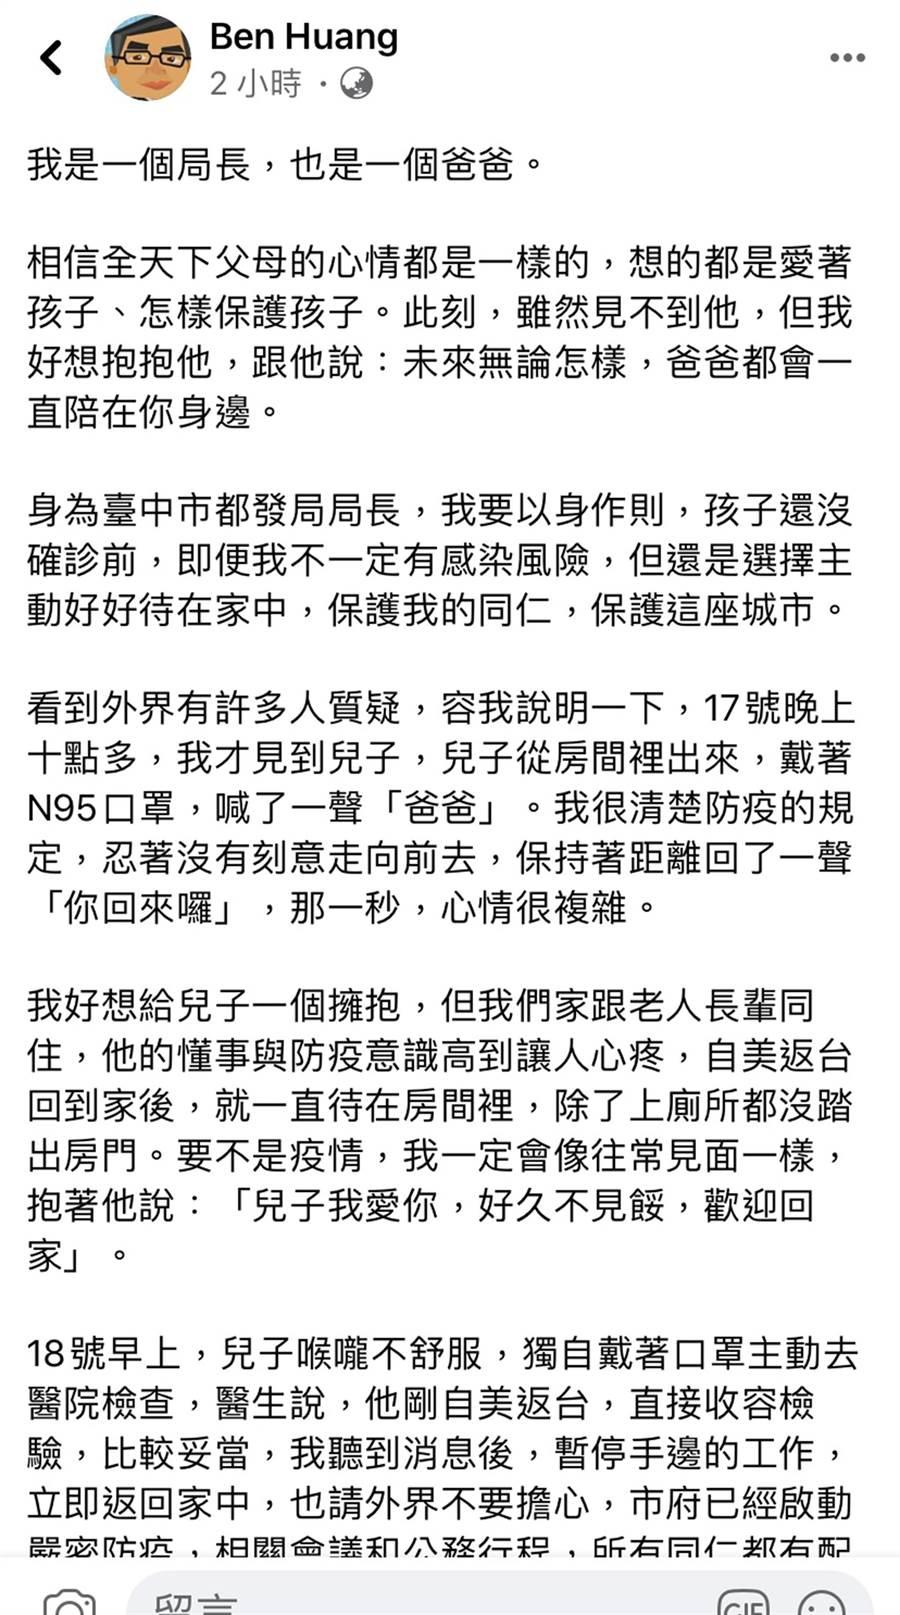 黃文彬19日在臉書PO文,說明兒子返台及他主動告假「自主健康管理」的過程,釐清外界的疑慮。(翻攝自黃文彬臉書/陳世宗台中傳真)